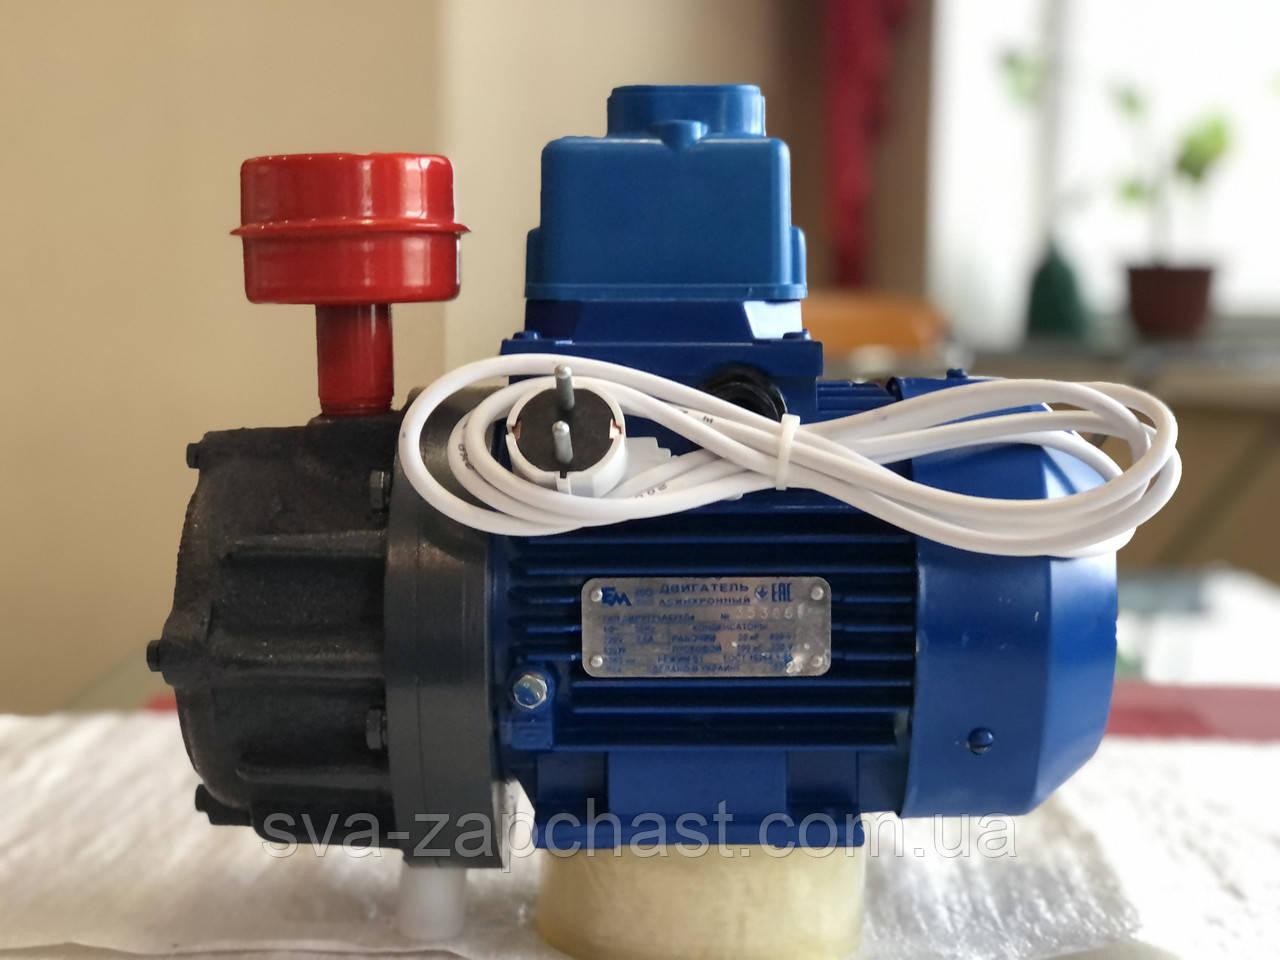 Насос доїльного апарату з двигуном (сухого типу)